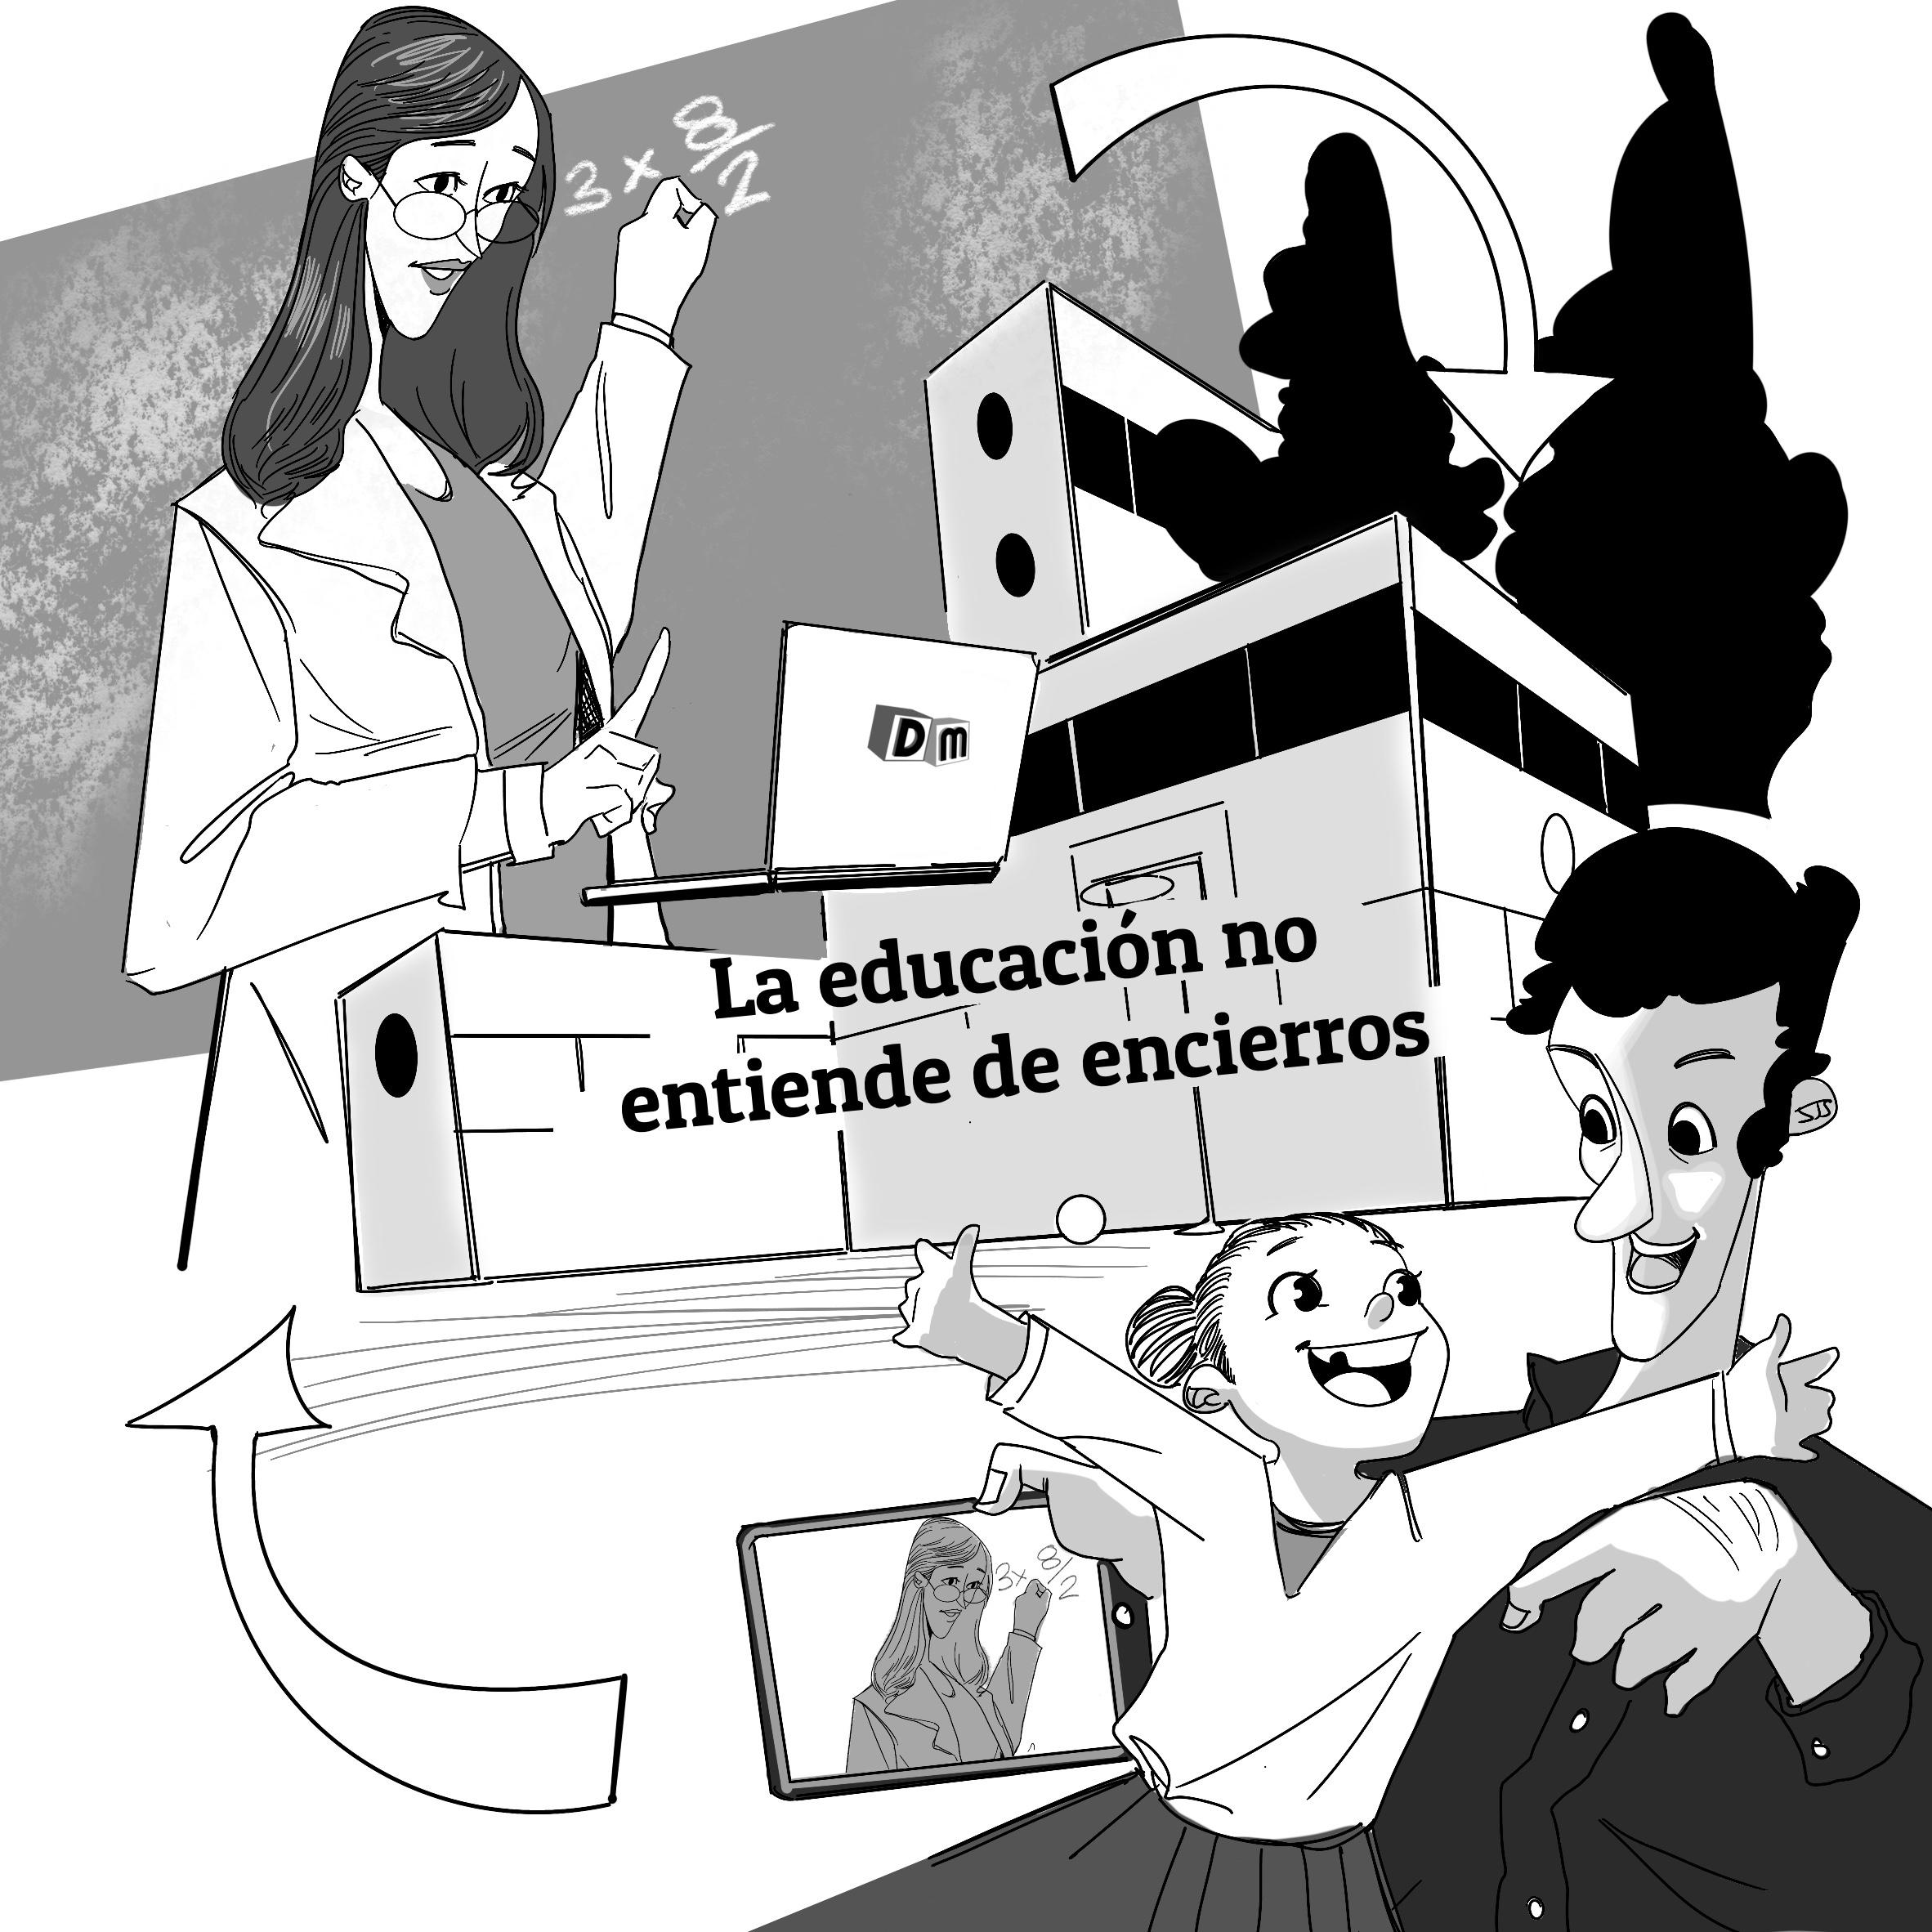 David Mora_Viñeta 1_La educación no entiende de encierros